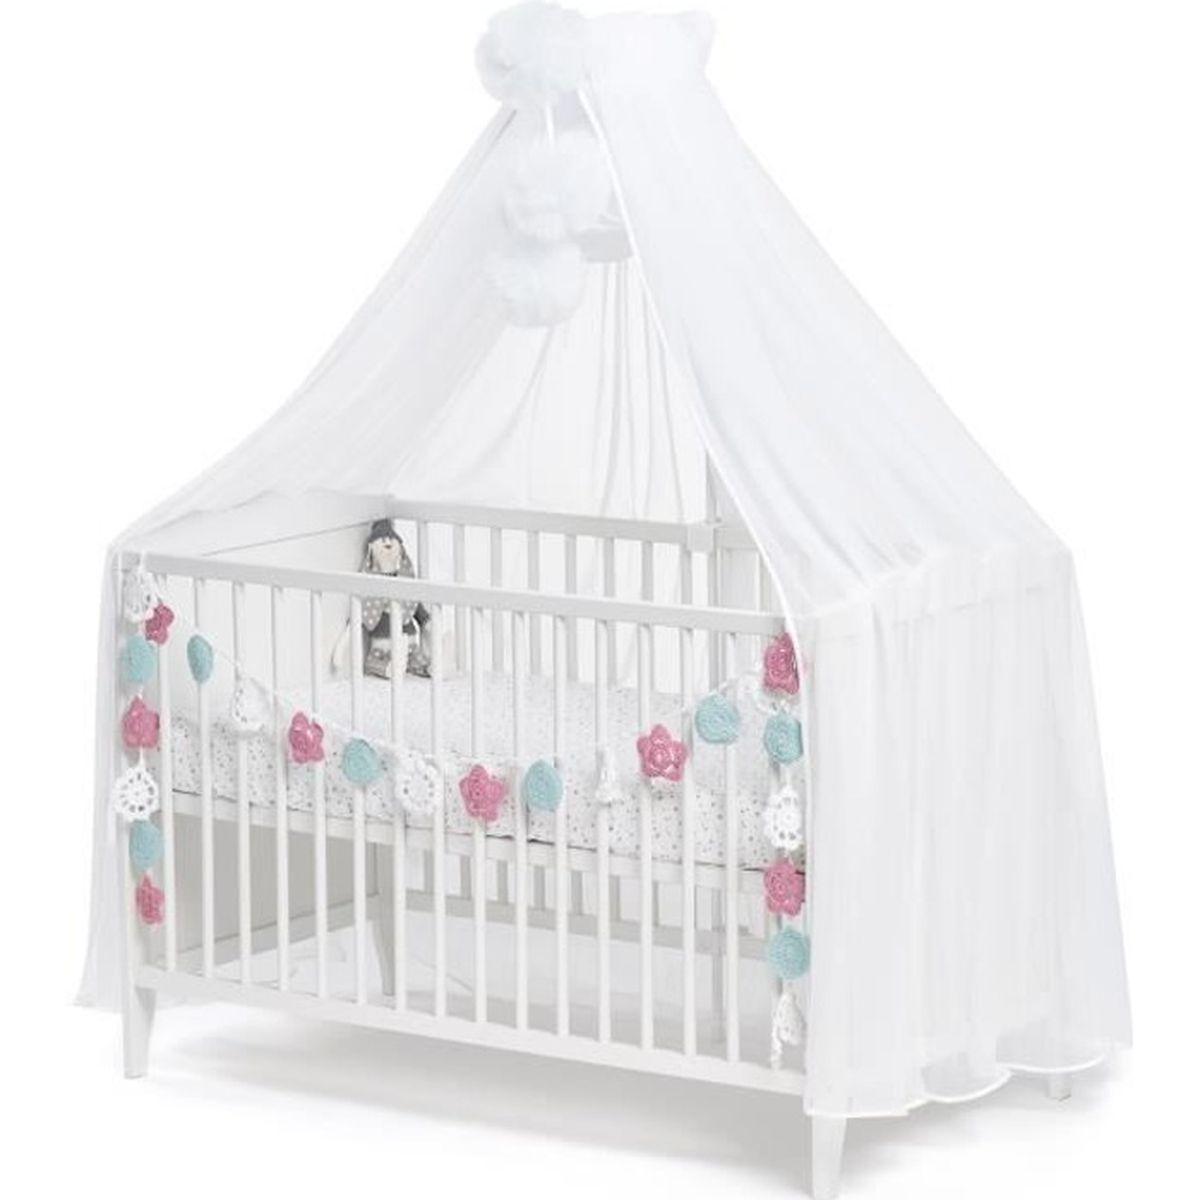 Fabriquer Ciel De Lit callyna ® - ciel de lit bébé moustiquaire voile blanc grande